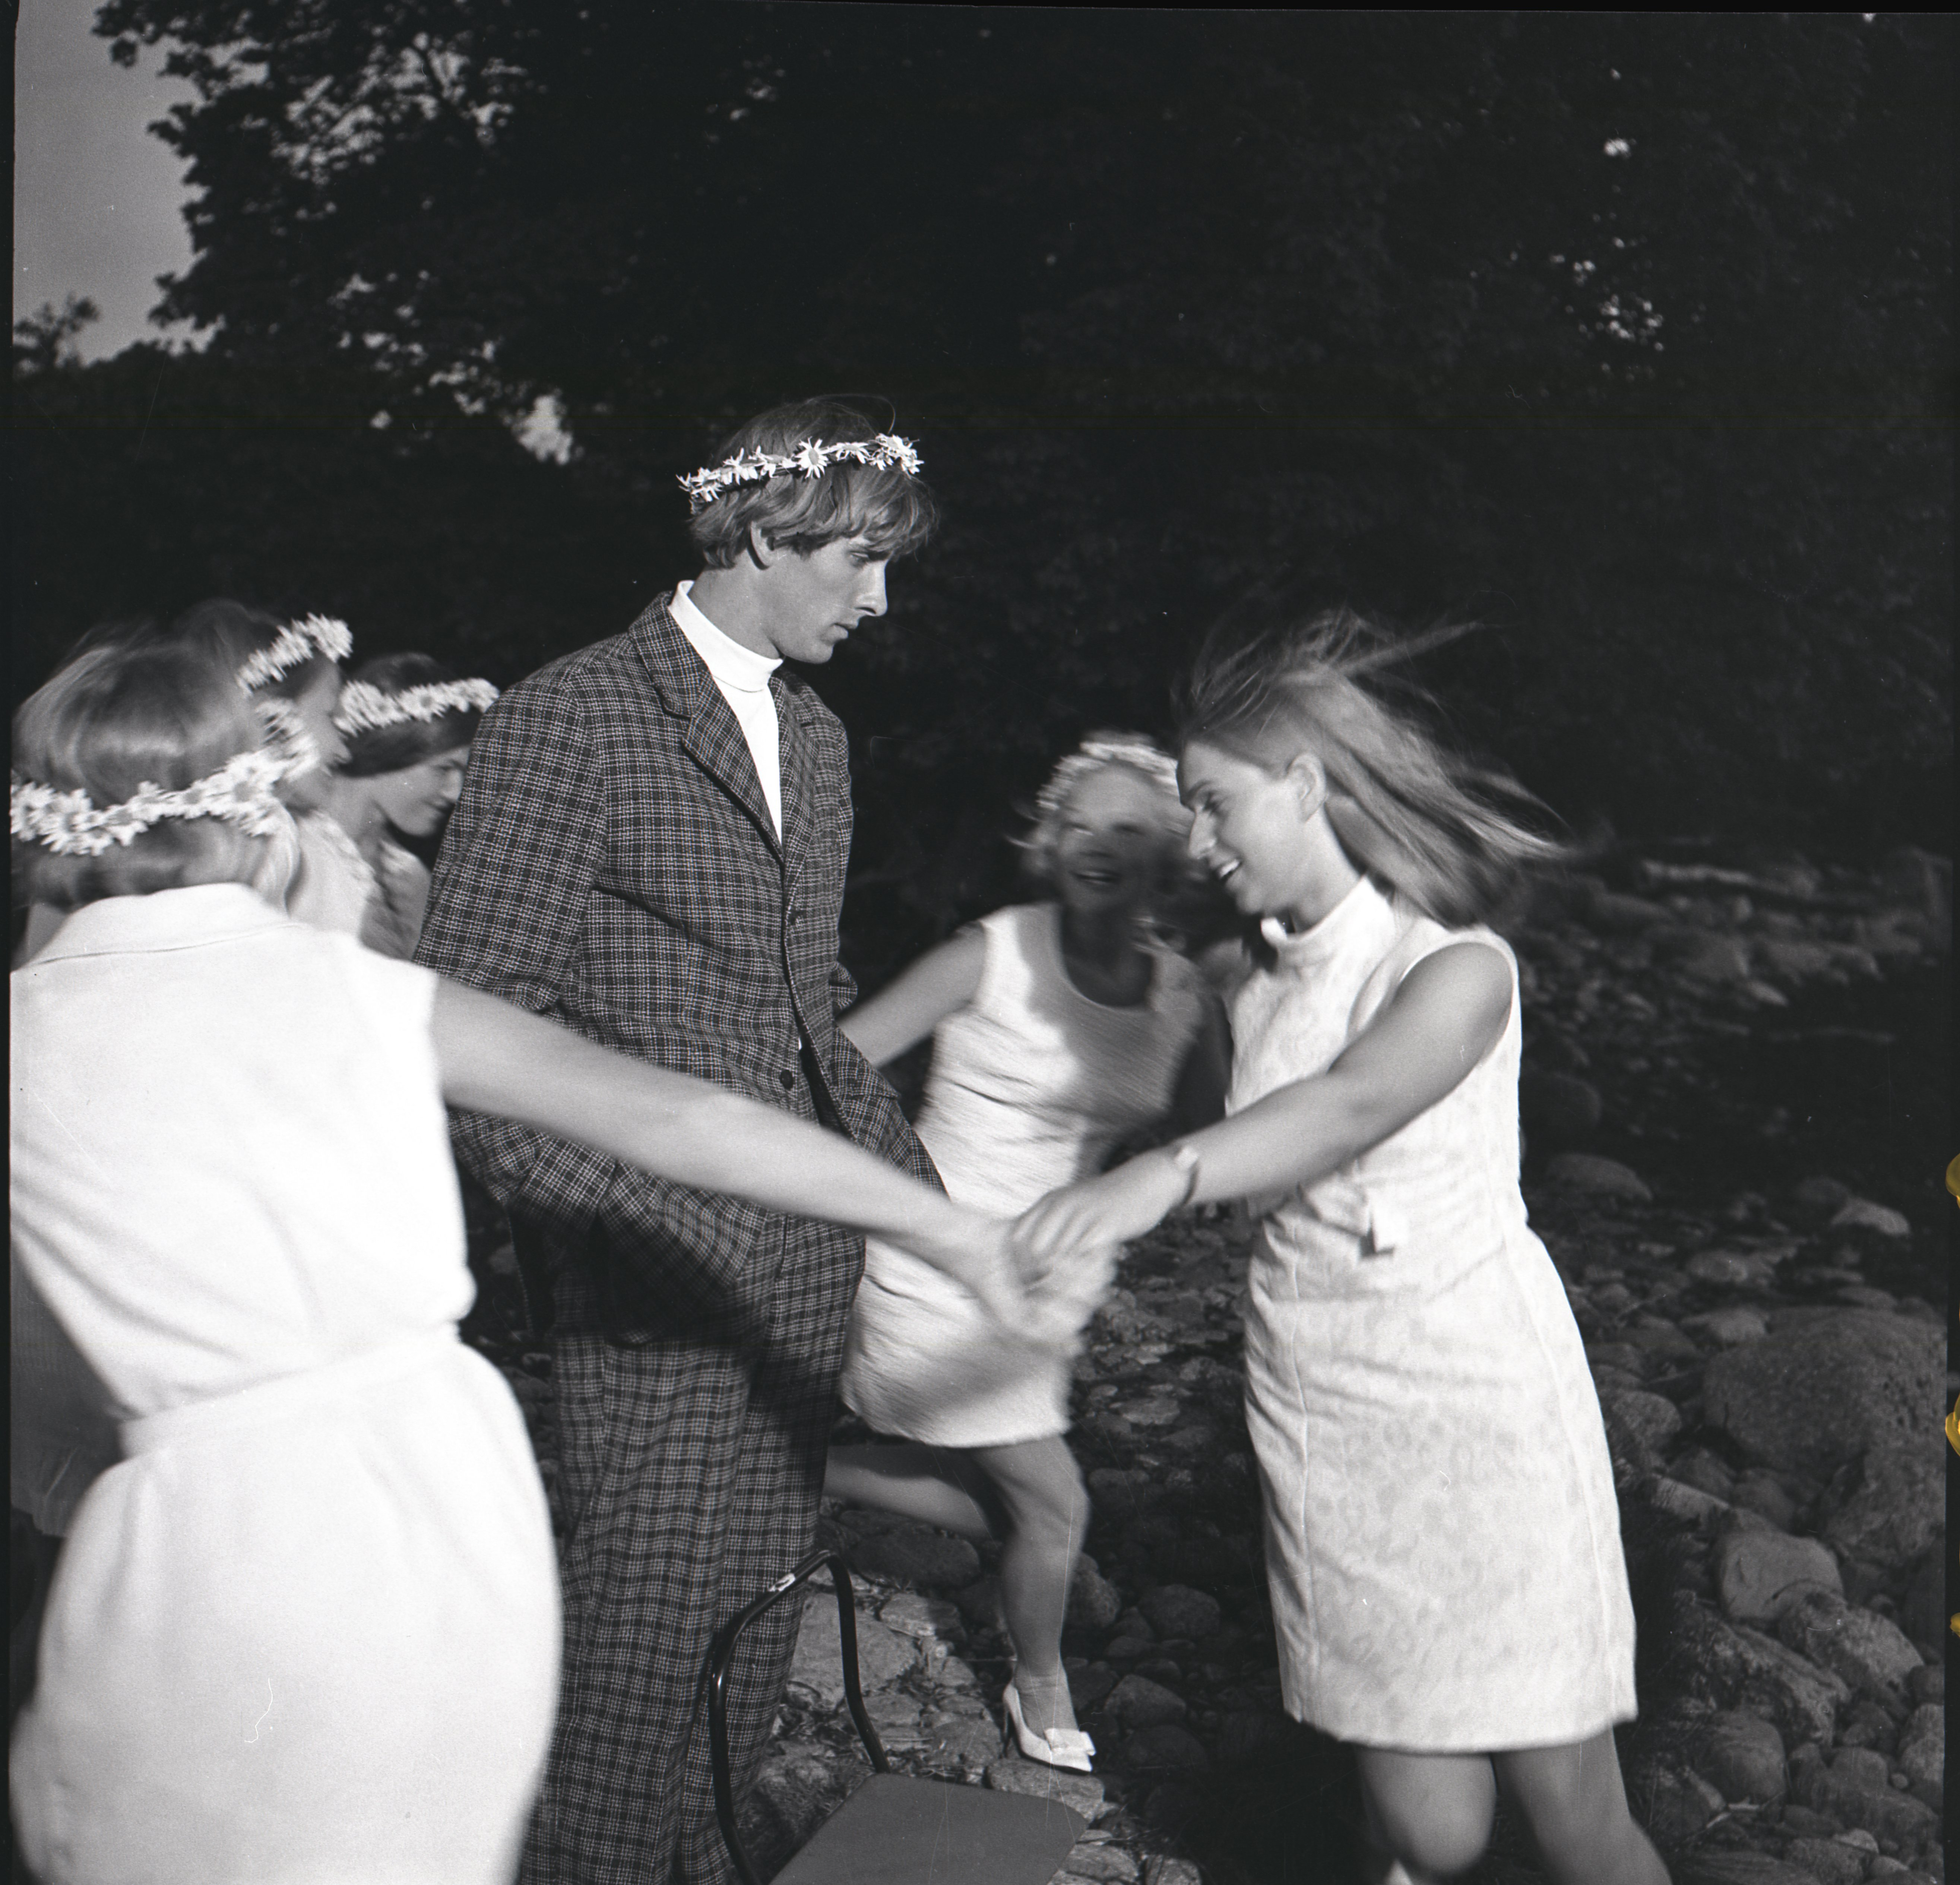 """EFA 0-213830. Mängufilm """"Tuulevaikus"""". Foto: Oti Vasemaa, 1970"""